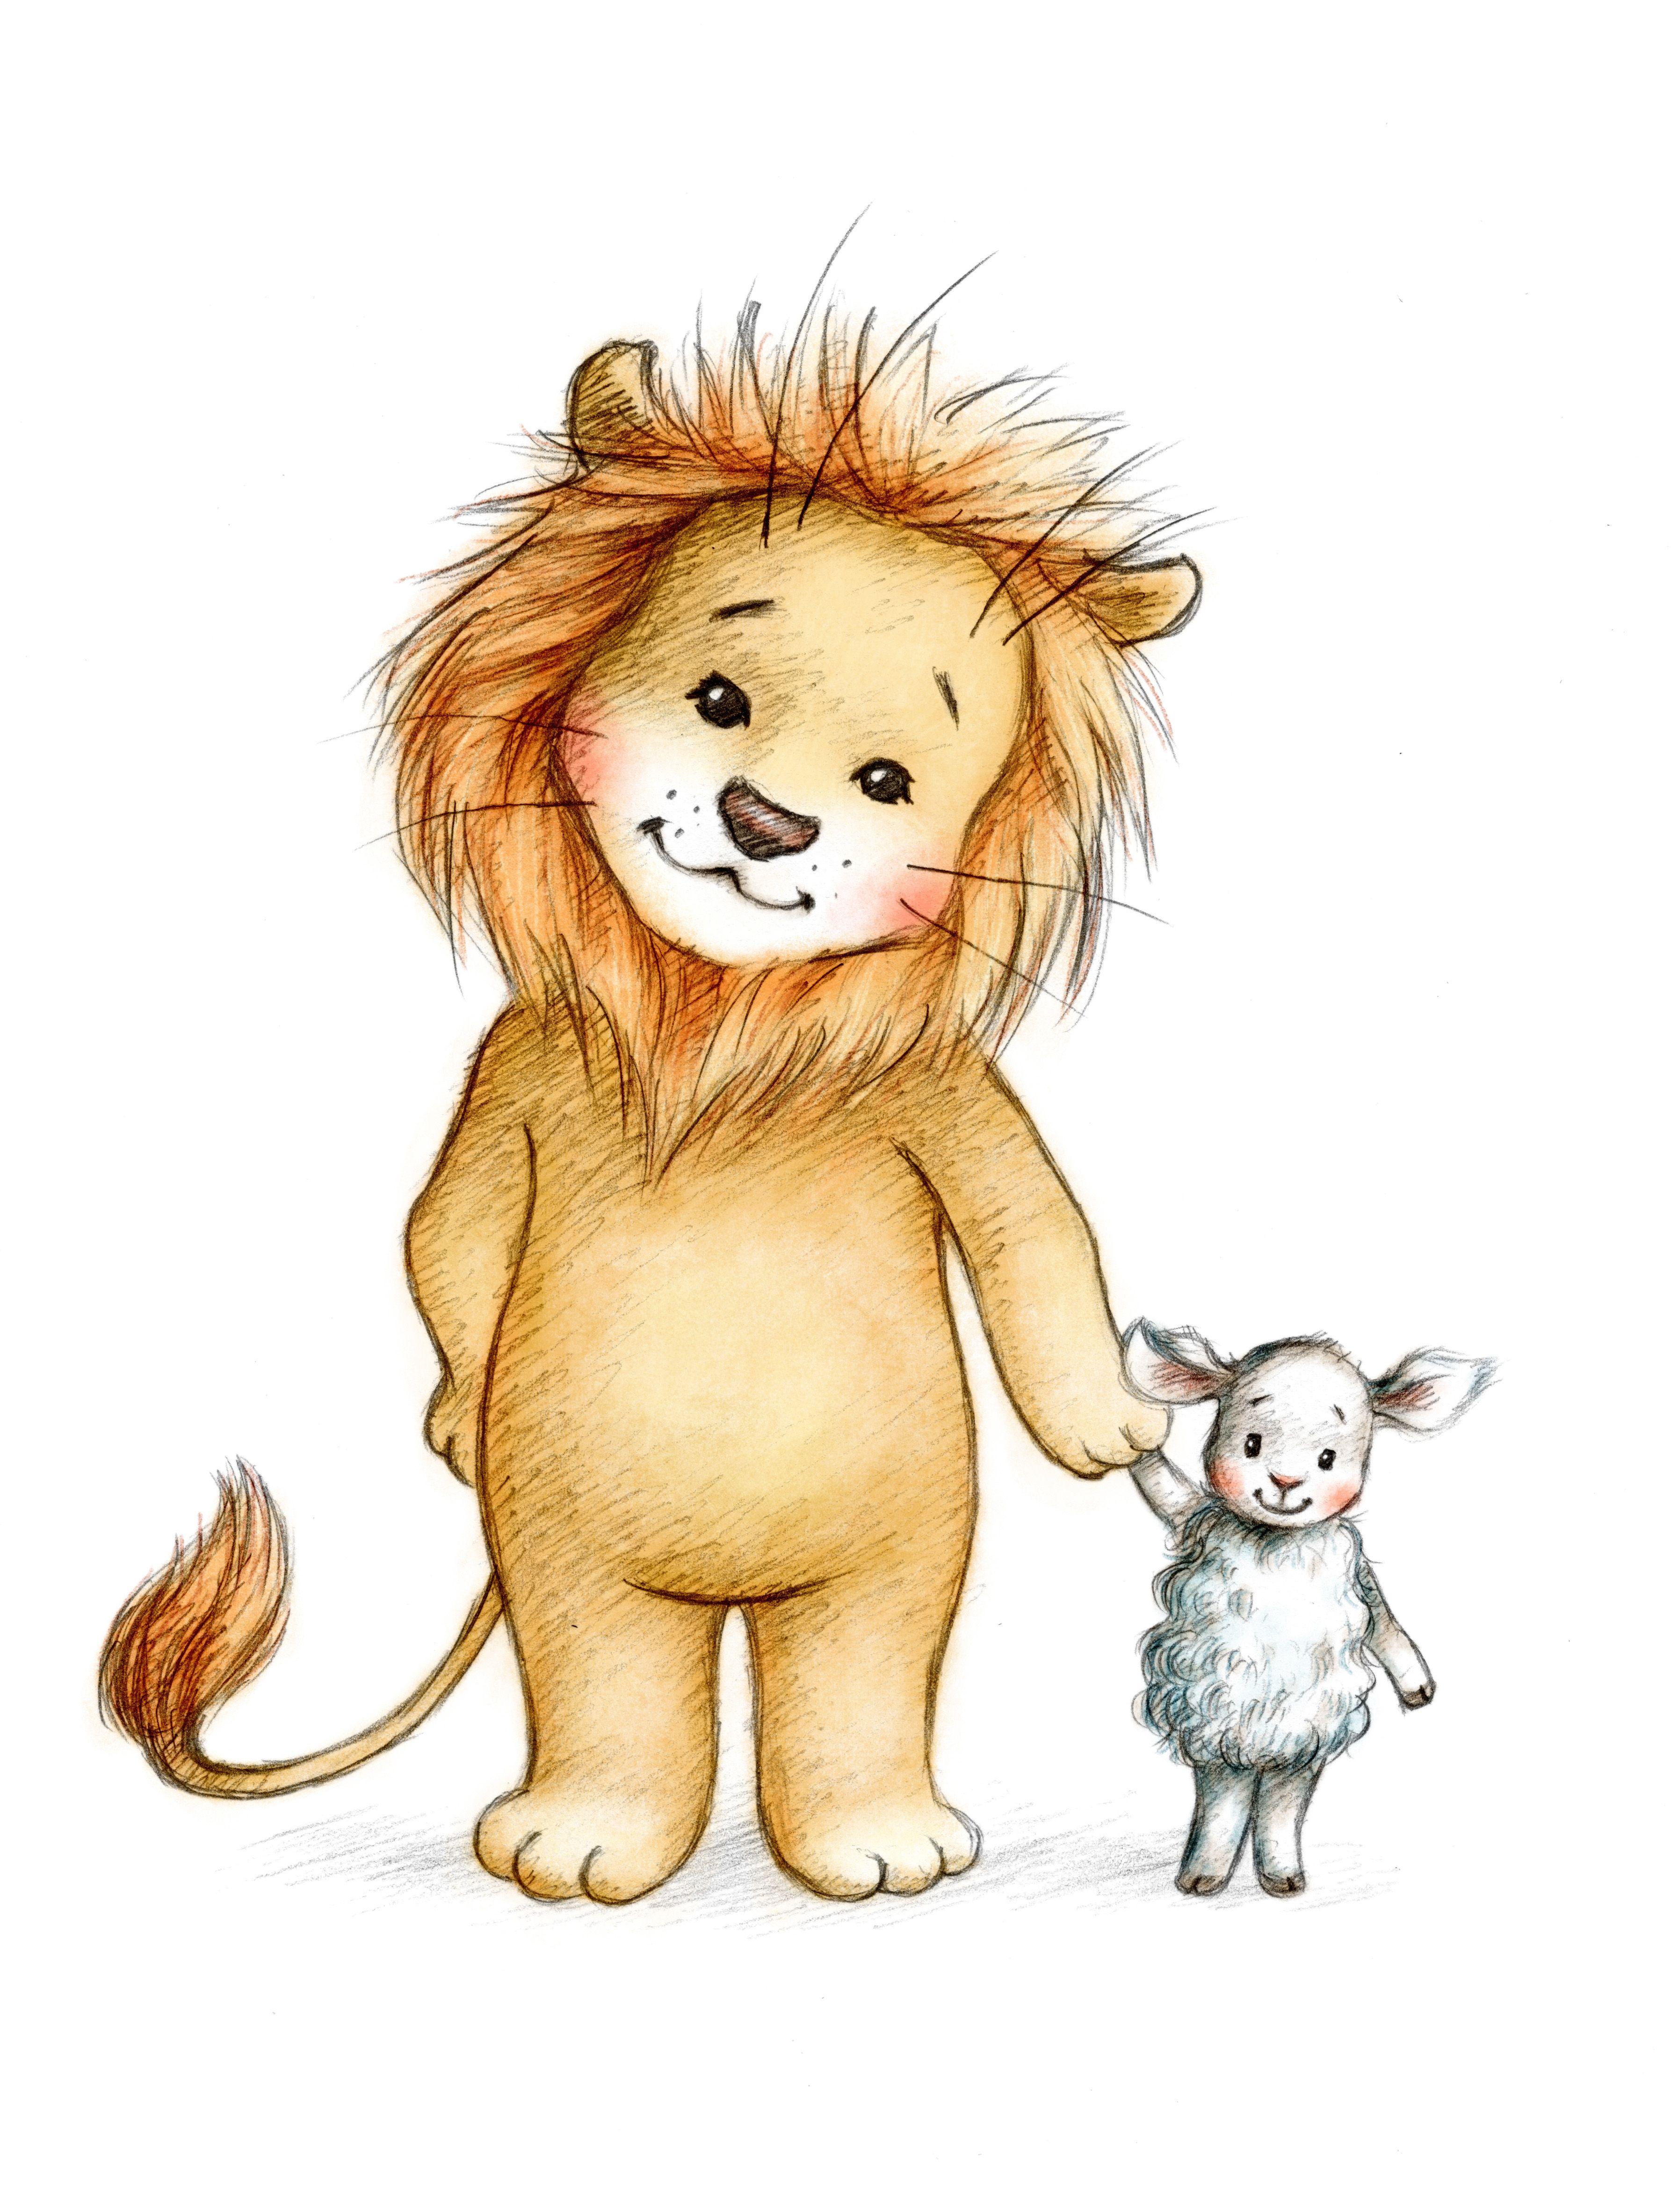 менее, милые картинки льва рисунки погода